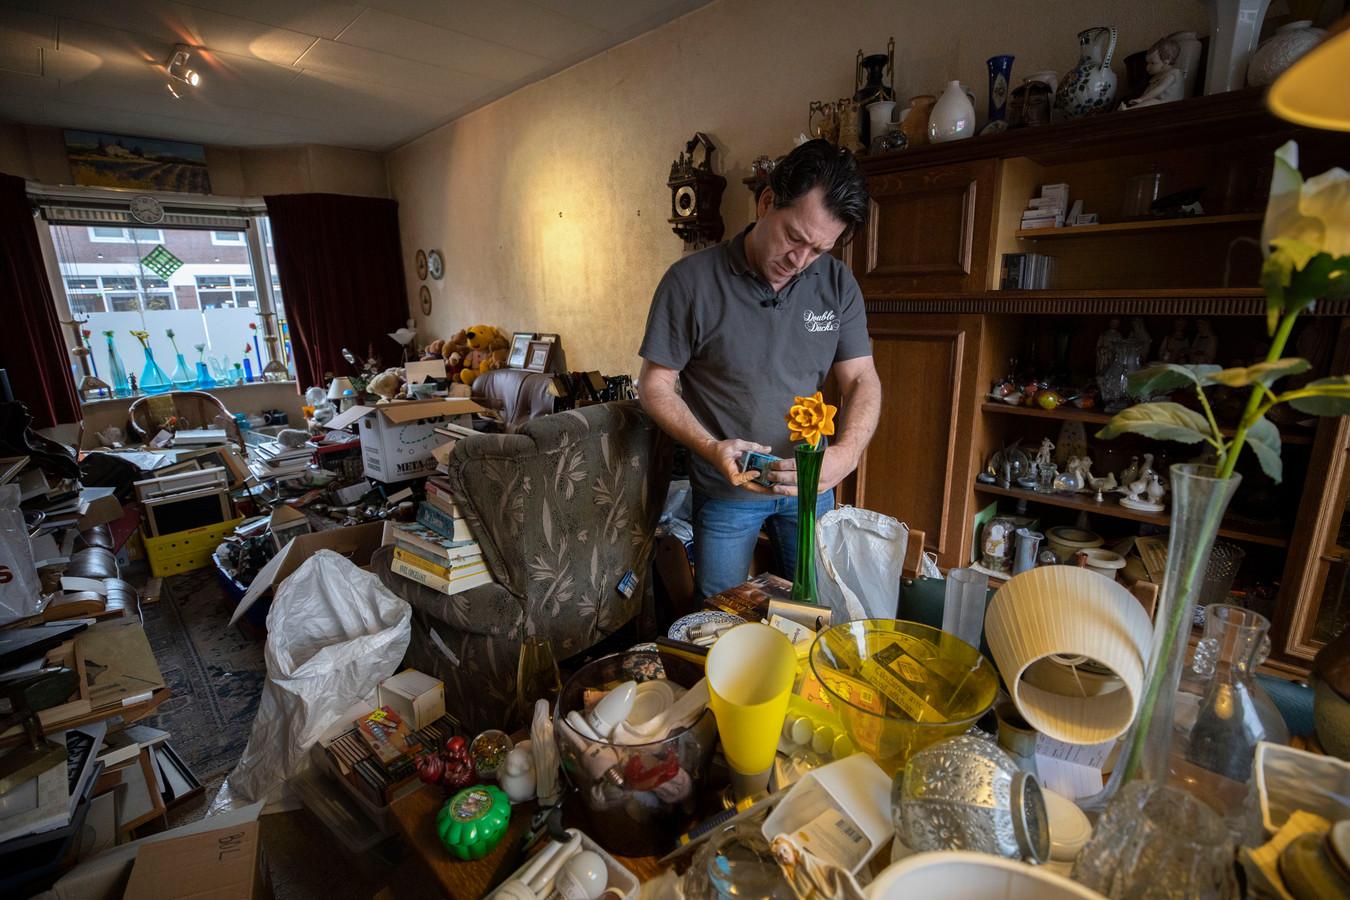 Patrick Ducker tussen de spullen van de overleden bewoner. Veel spullen.